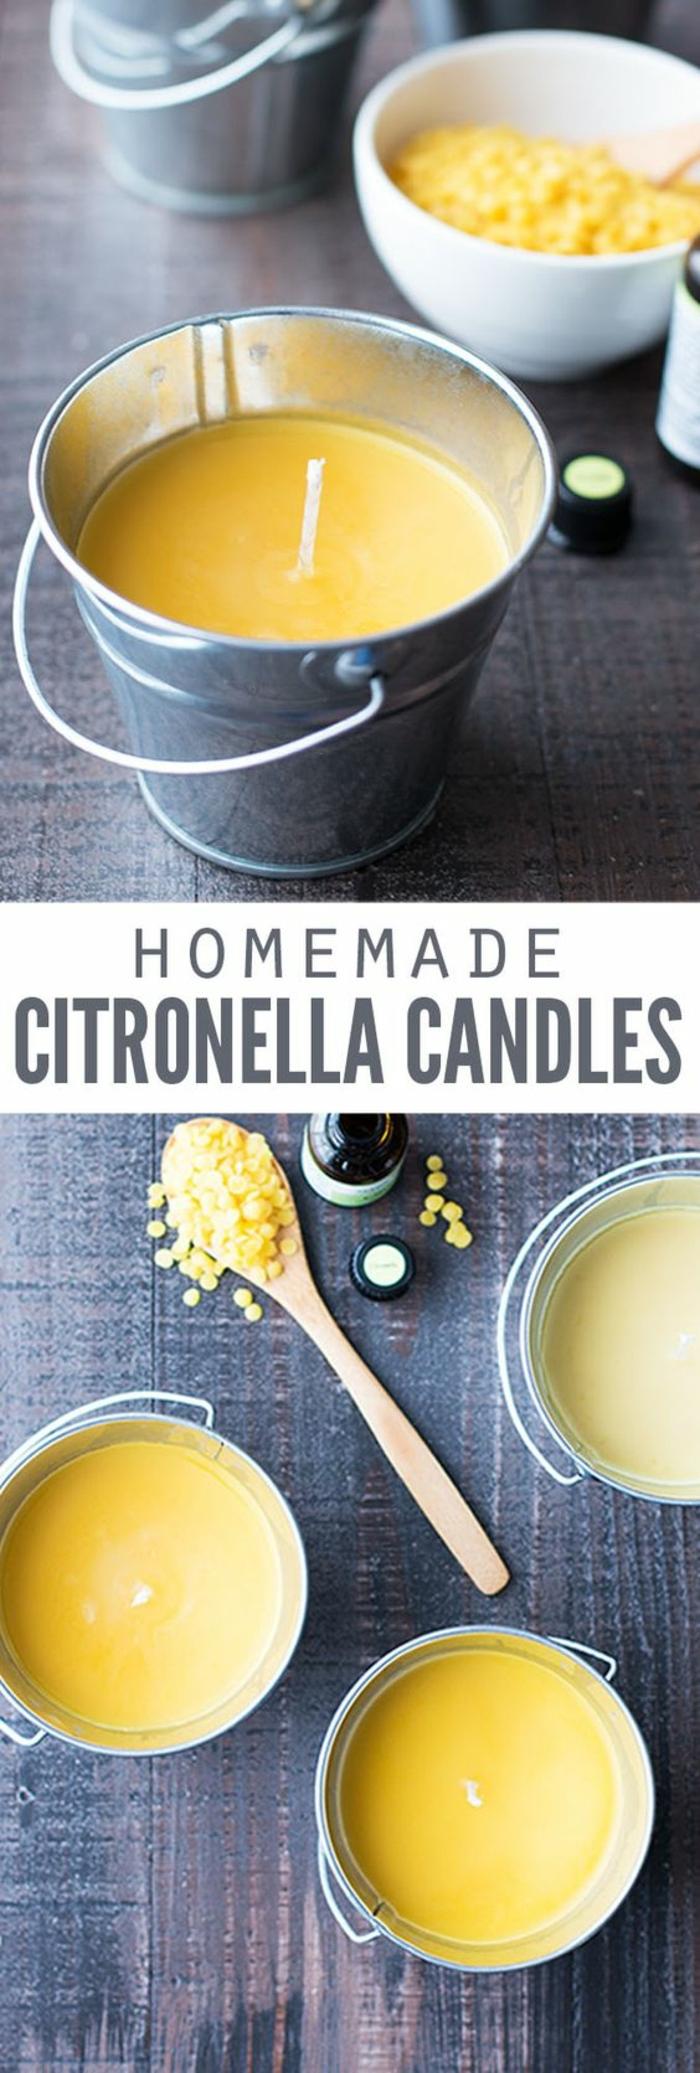 fabrication de bougie artisanale, modèle de bougie colorée et parfumée au citron, activité manuelle facile et rapide